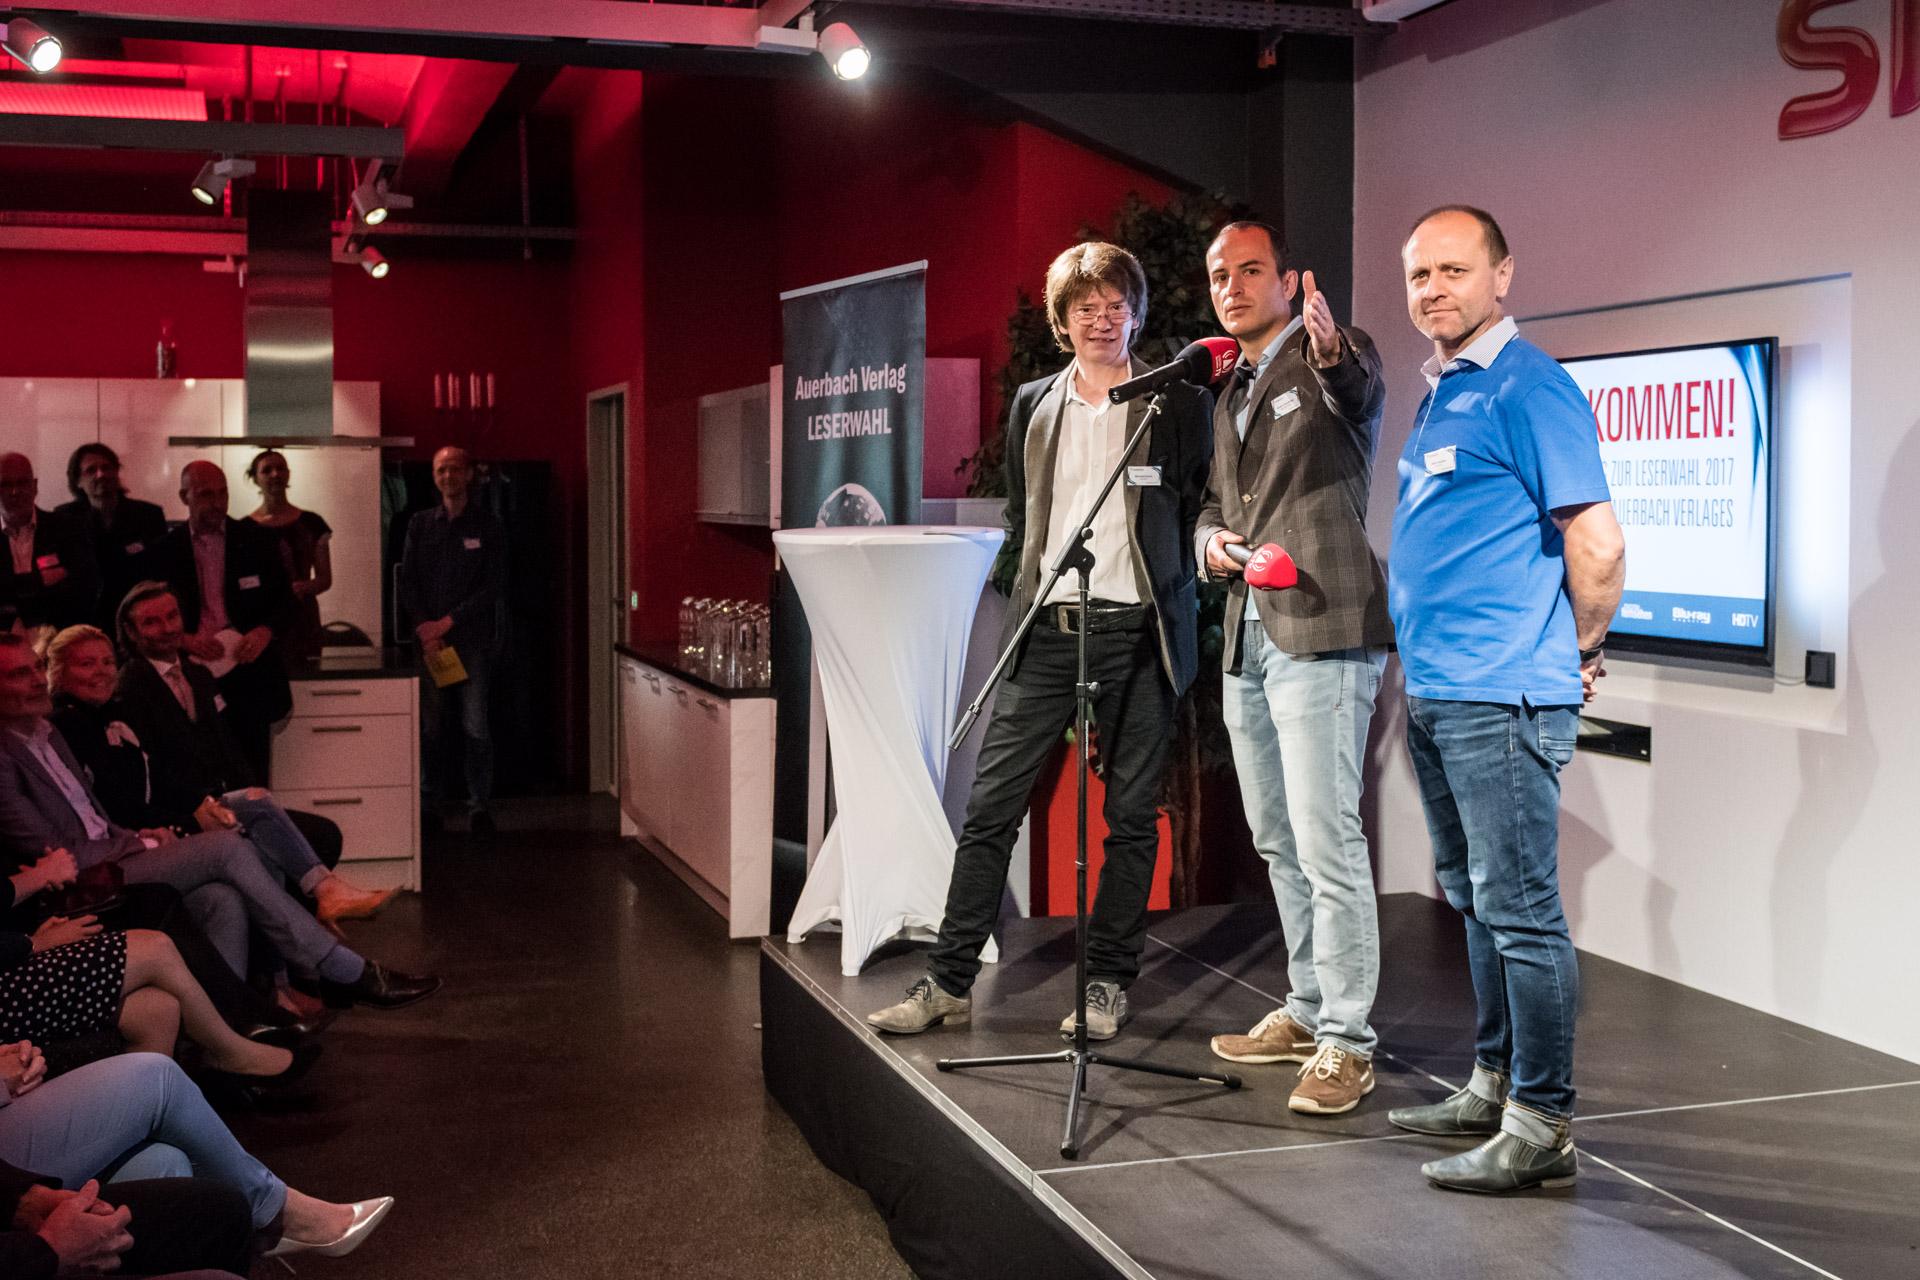 Die Macher (Manfred Keim, Stefan Goedecke, Alex Daßler von Uni-HiFi) der Mitteldeutschen HiFi-Tage dankten den Herstellern für den Erfolg der Messe